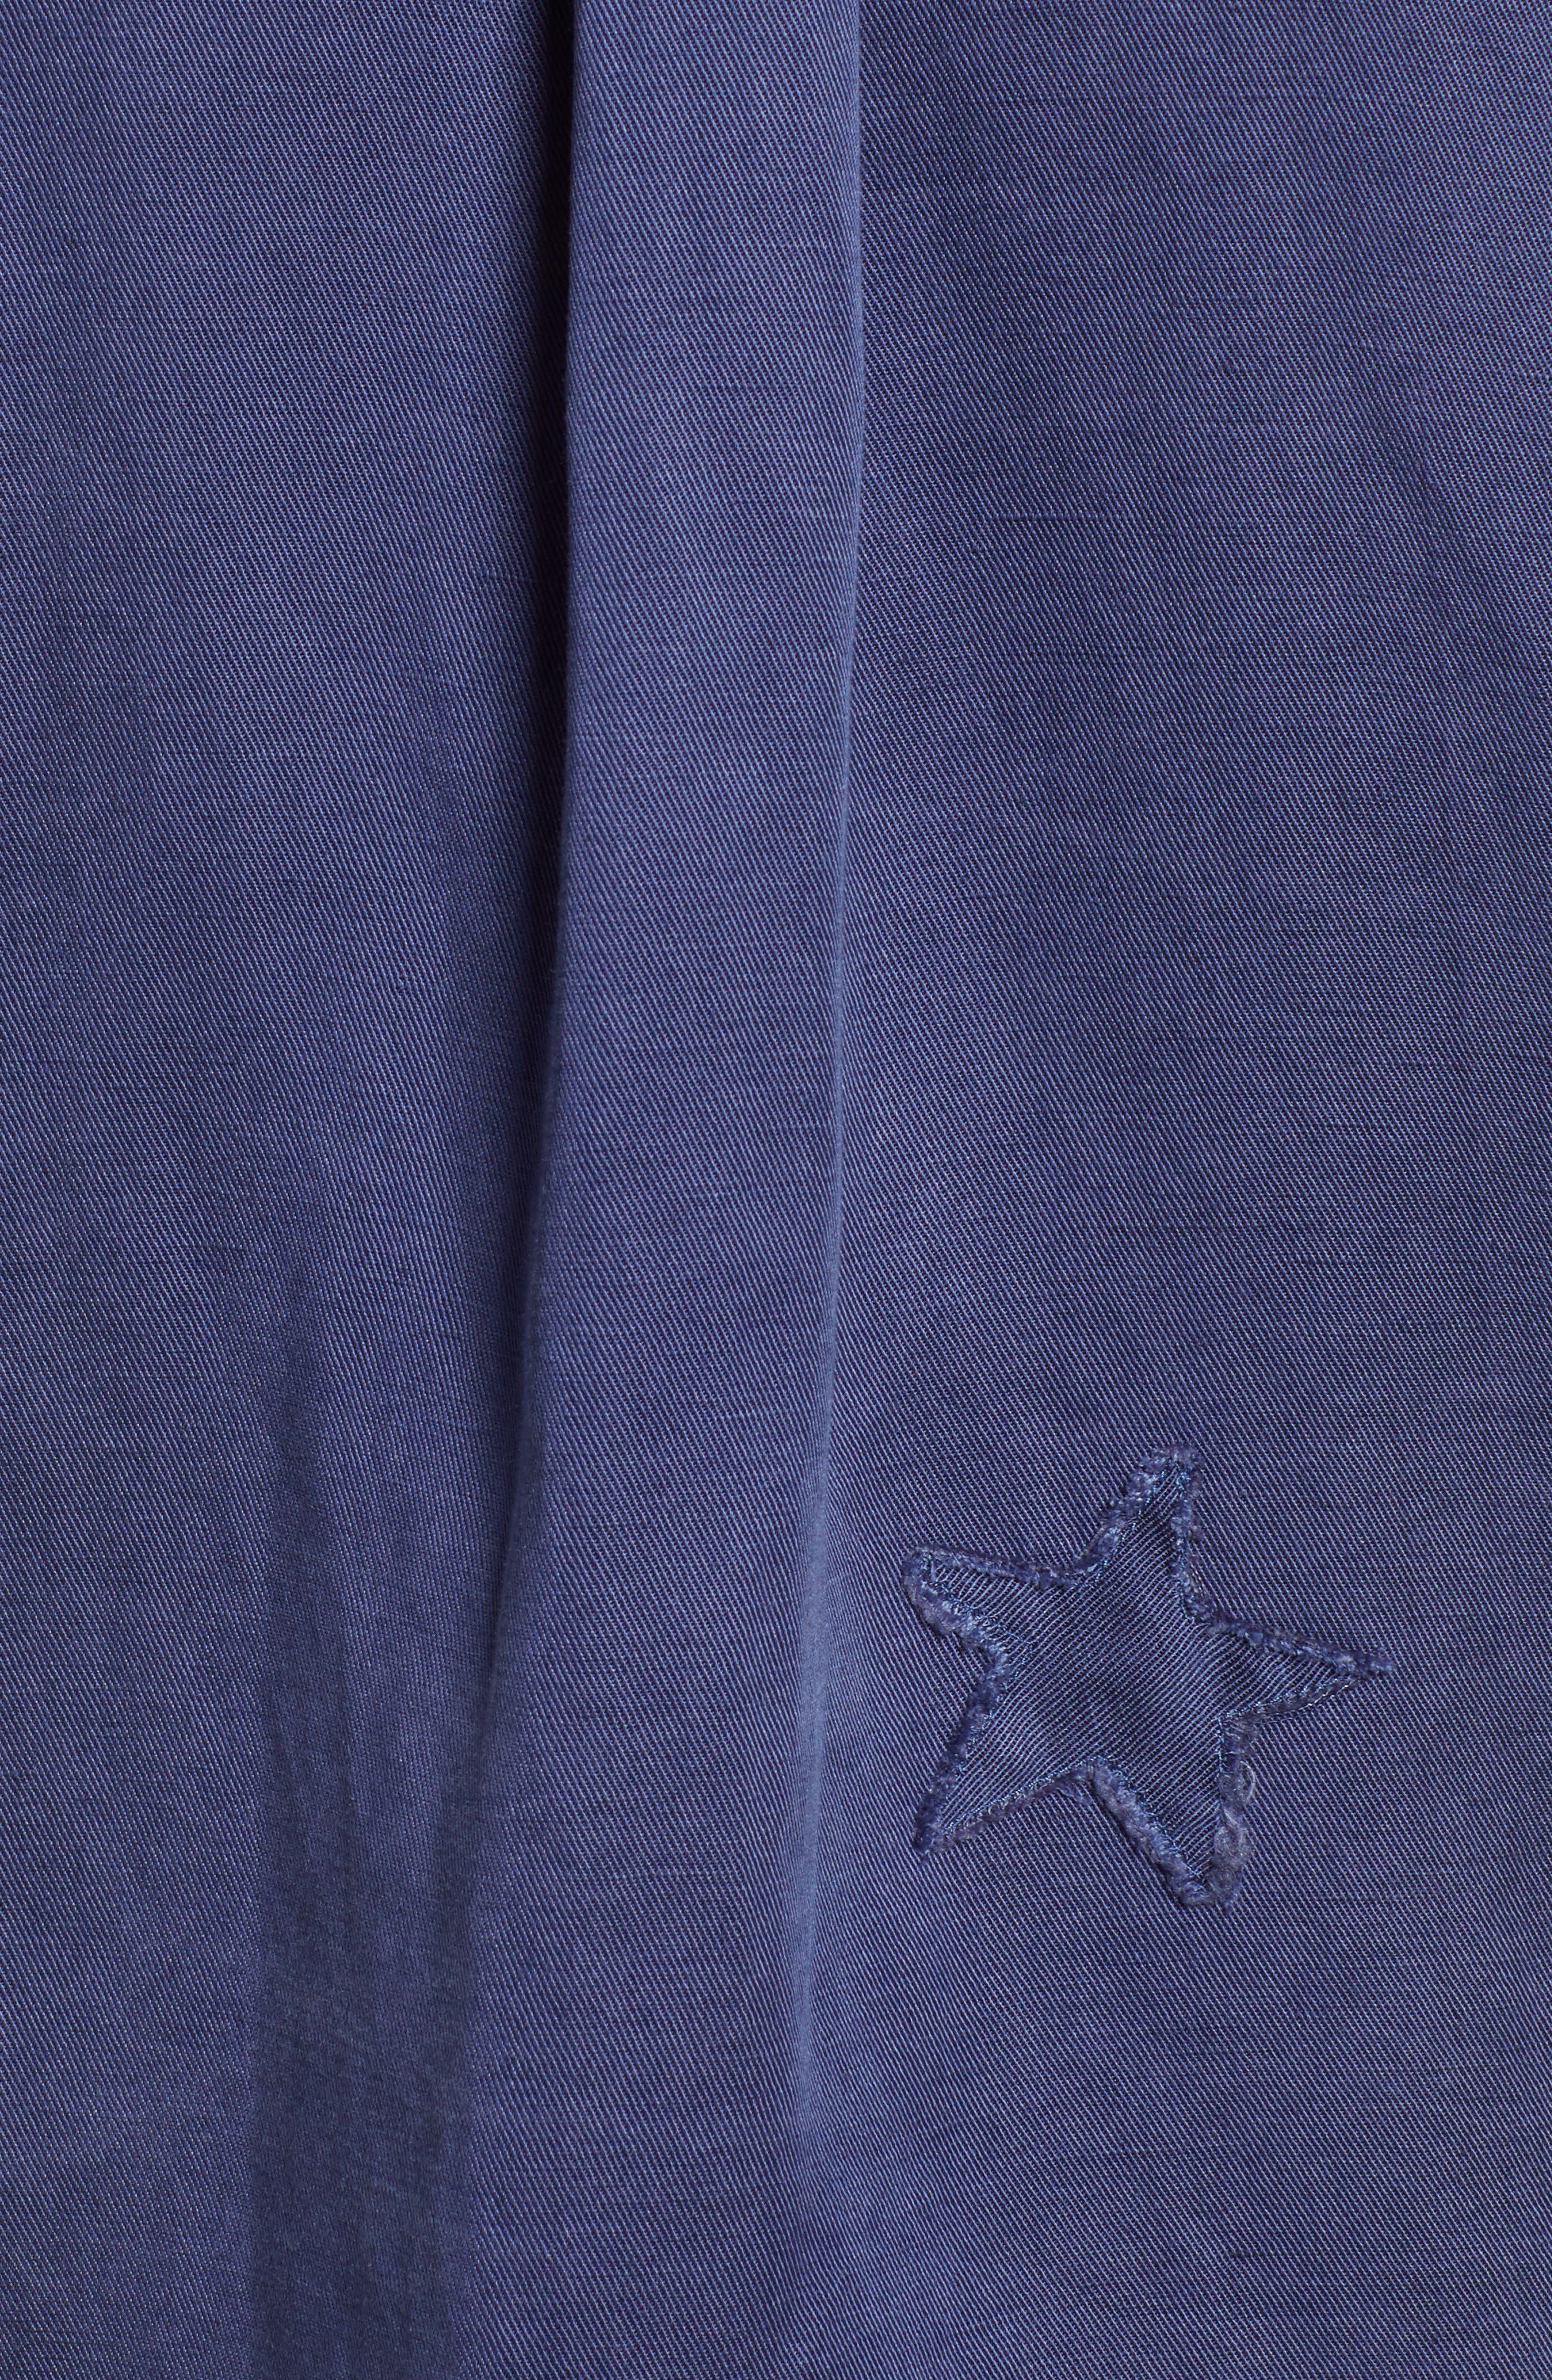 Kato Military Shirt,                             Alternate thumbnail 5, color,                             TOKYO BLUE